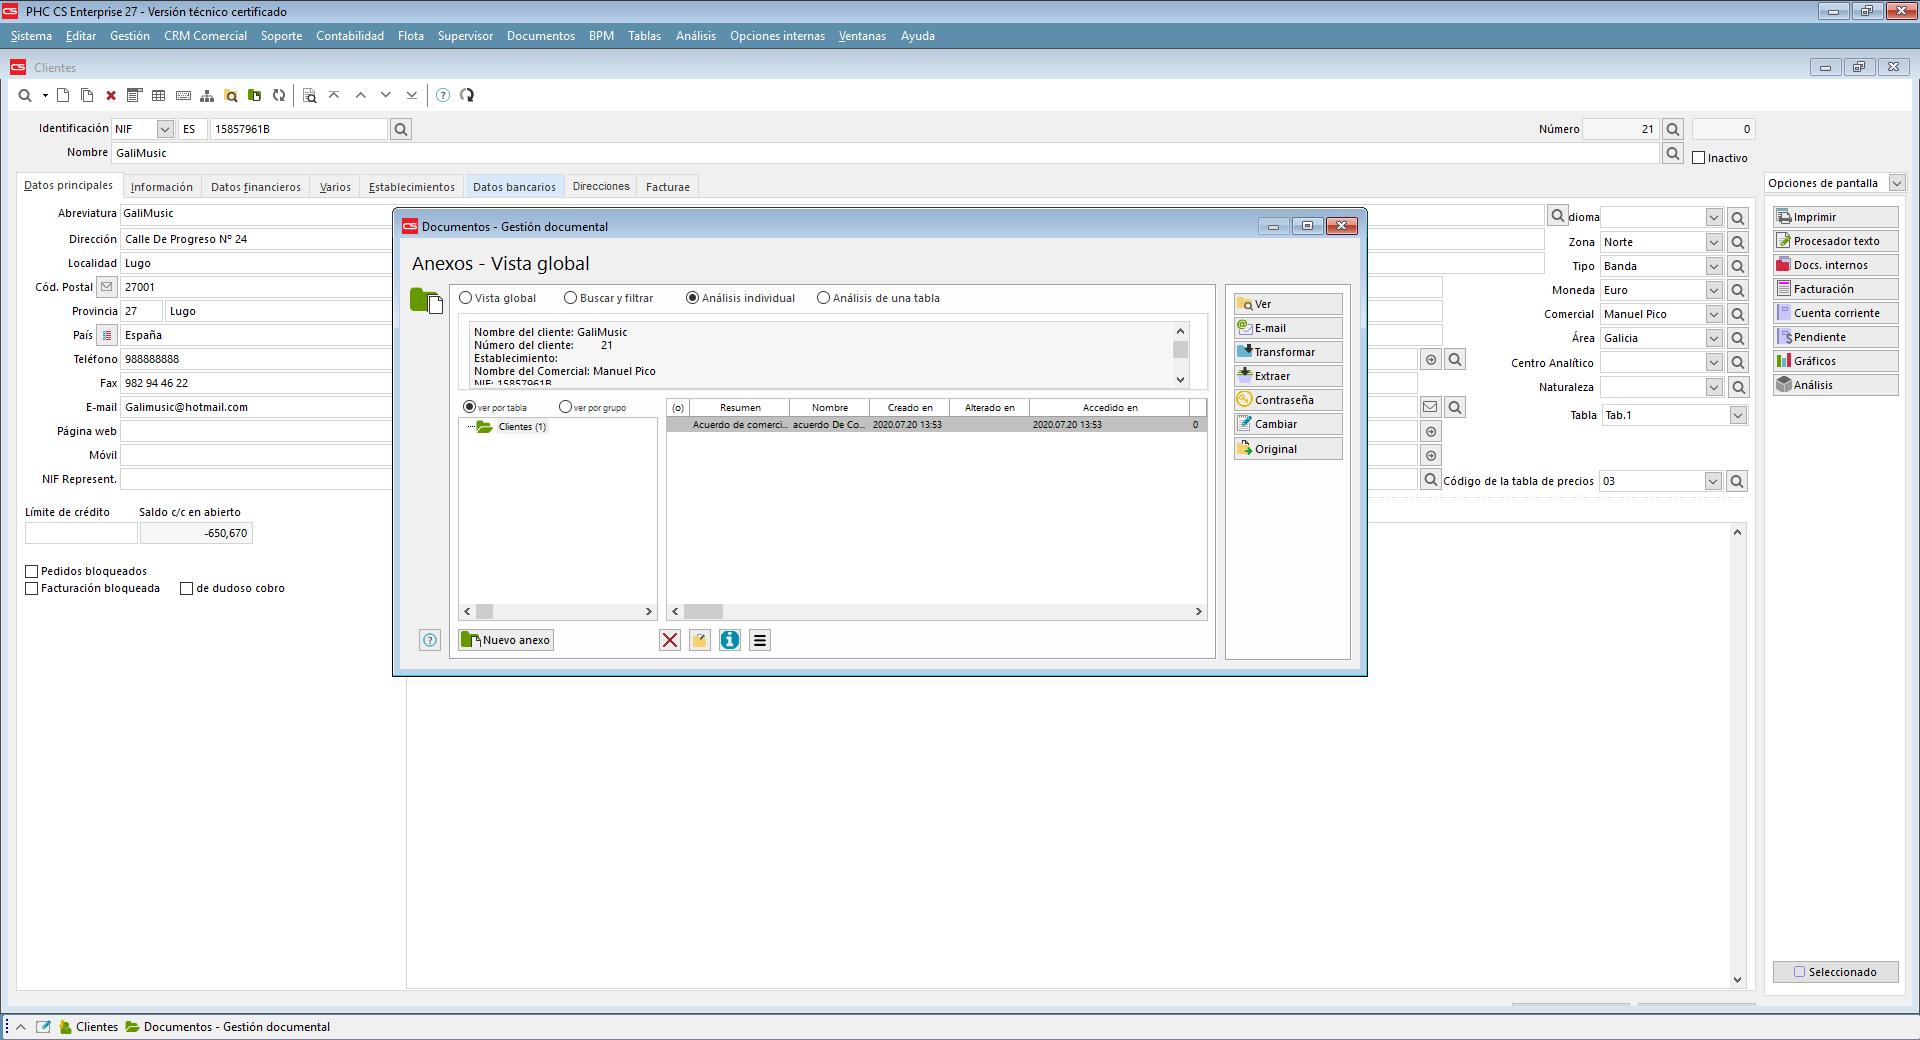 Añadir al sistema documentos en cualquier formato reconocido, como vídeos, documentos Word, Excel, pdf con Software de Gestión PHC